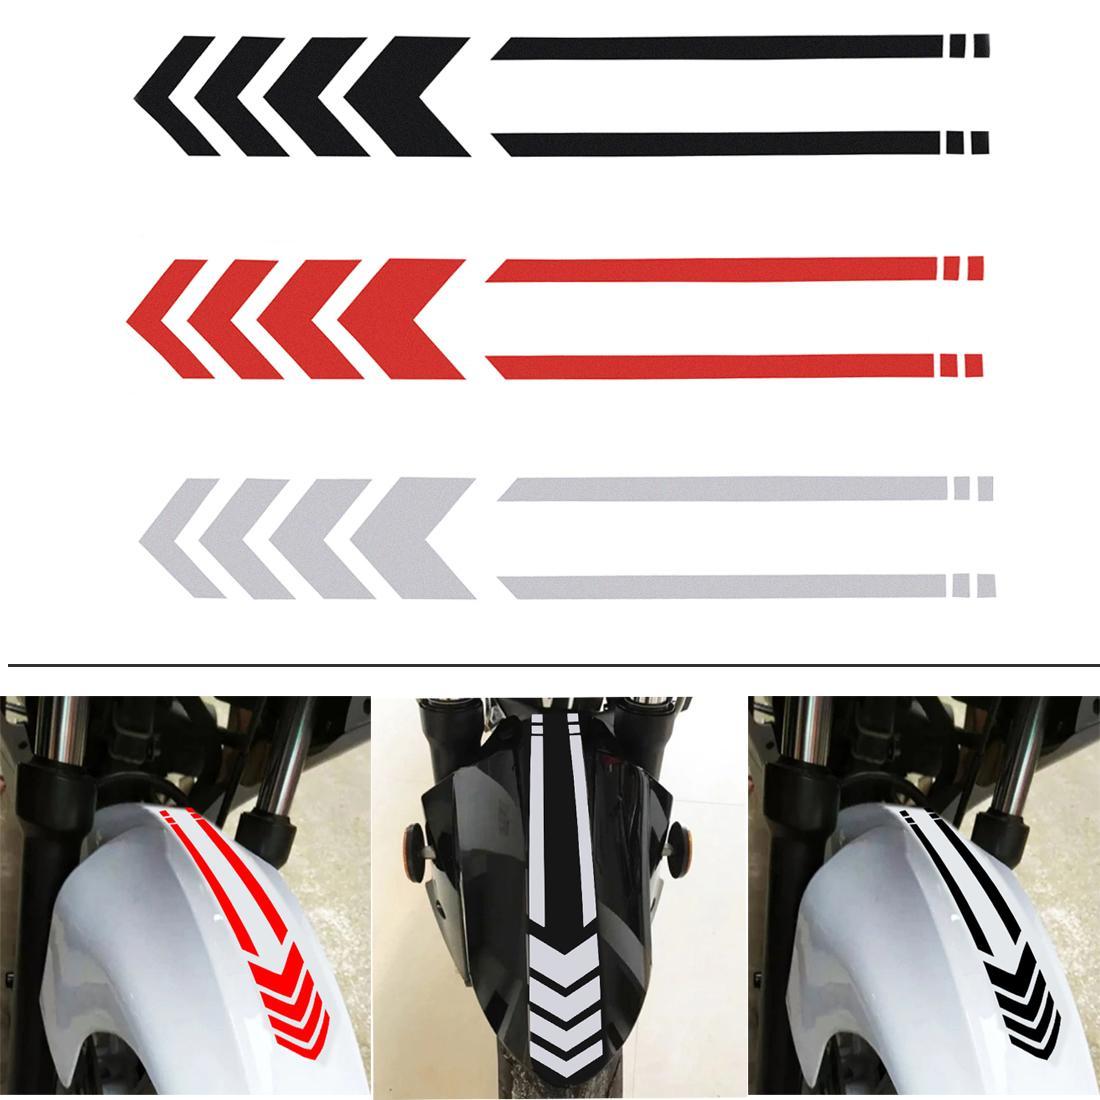 3 Renk 34 x 5.5 cm Evrensel PET Yansıtıcı Bant Motosiklet Vücut Modifikasyon Çamurluk şerit Çıkartma CEA_32M